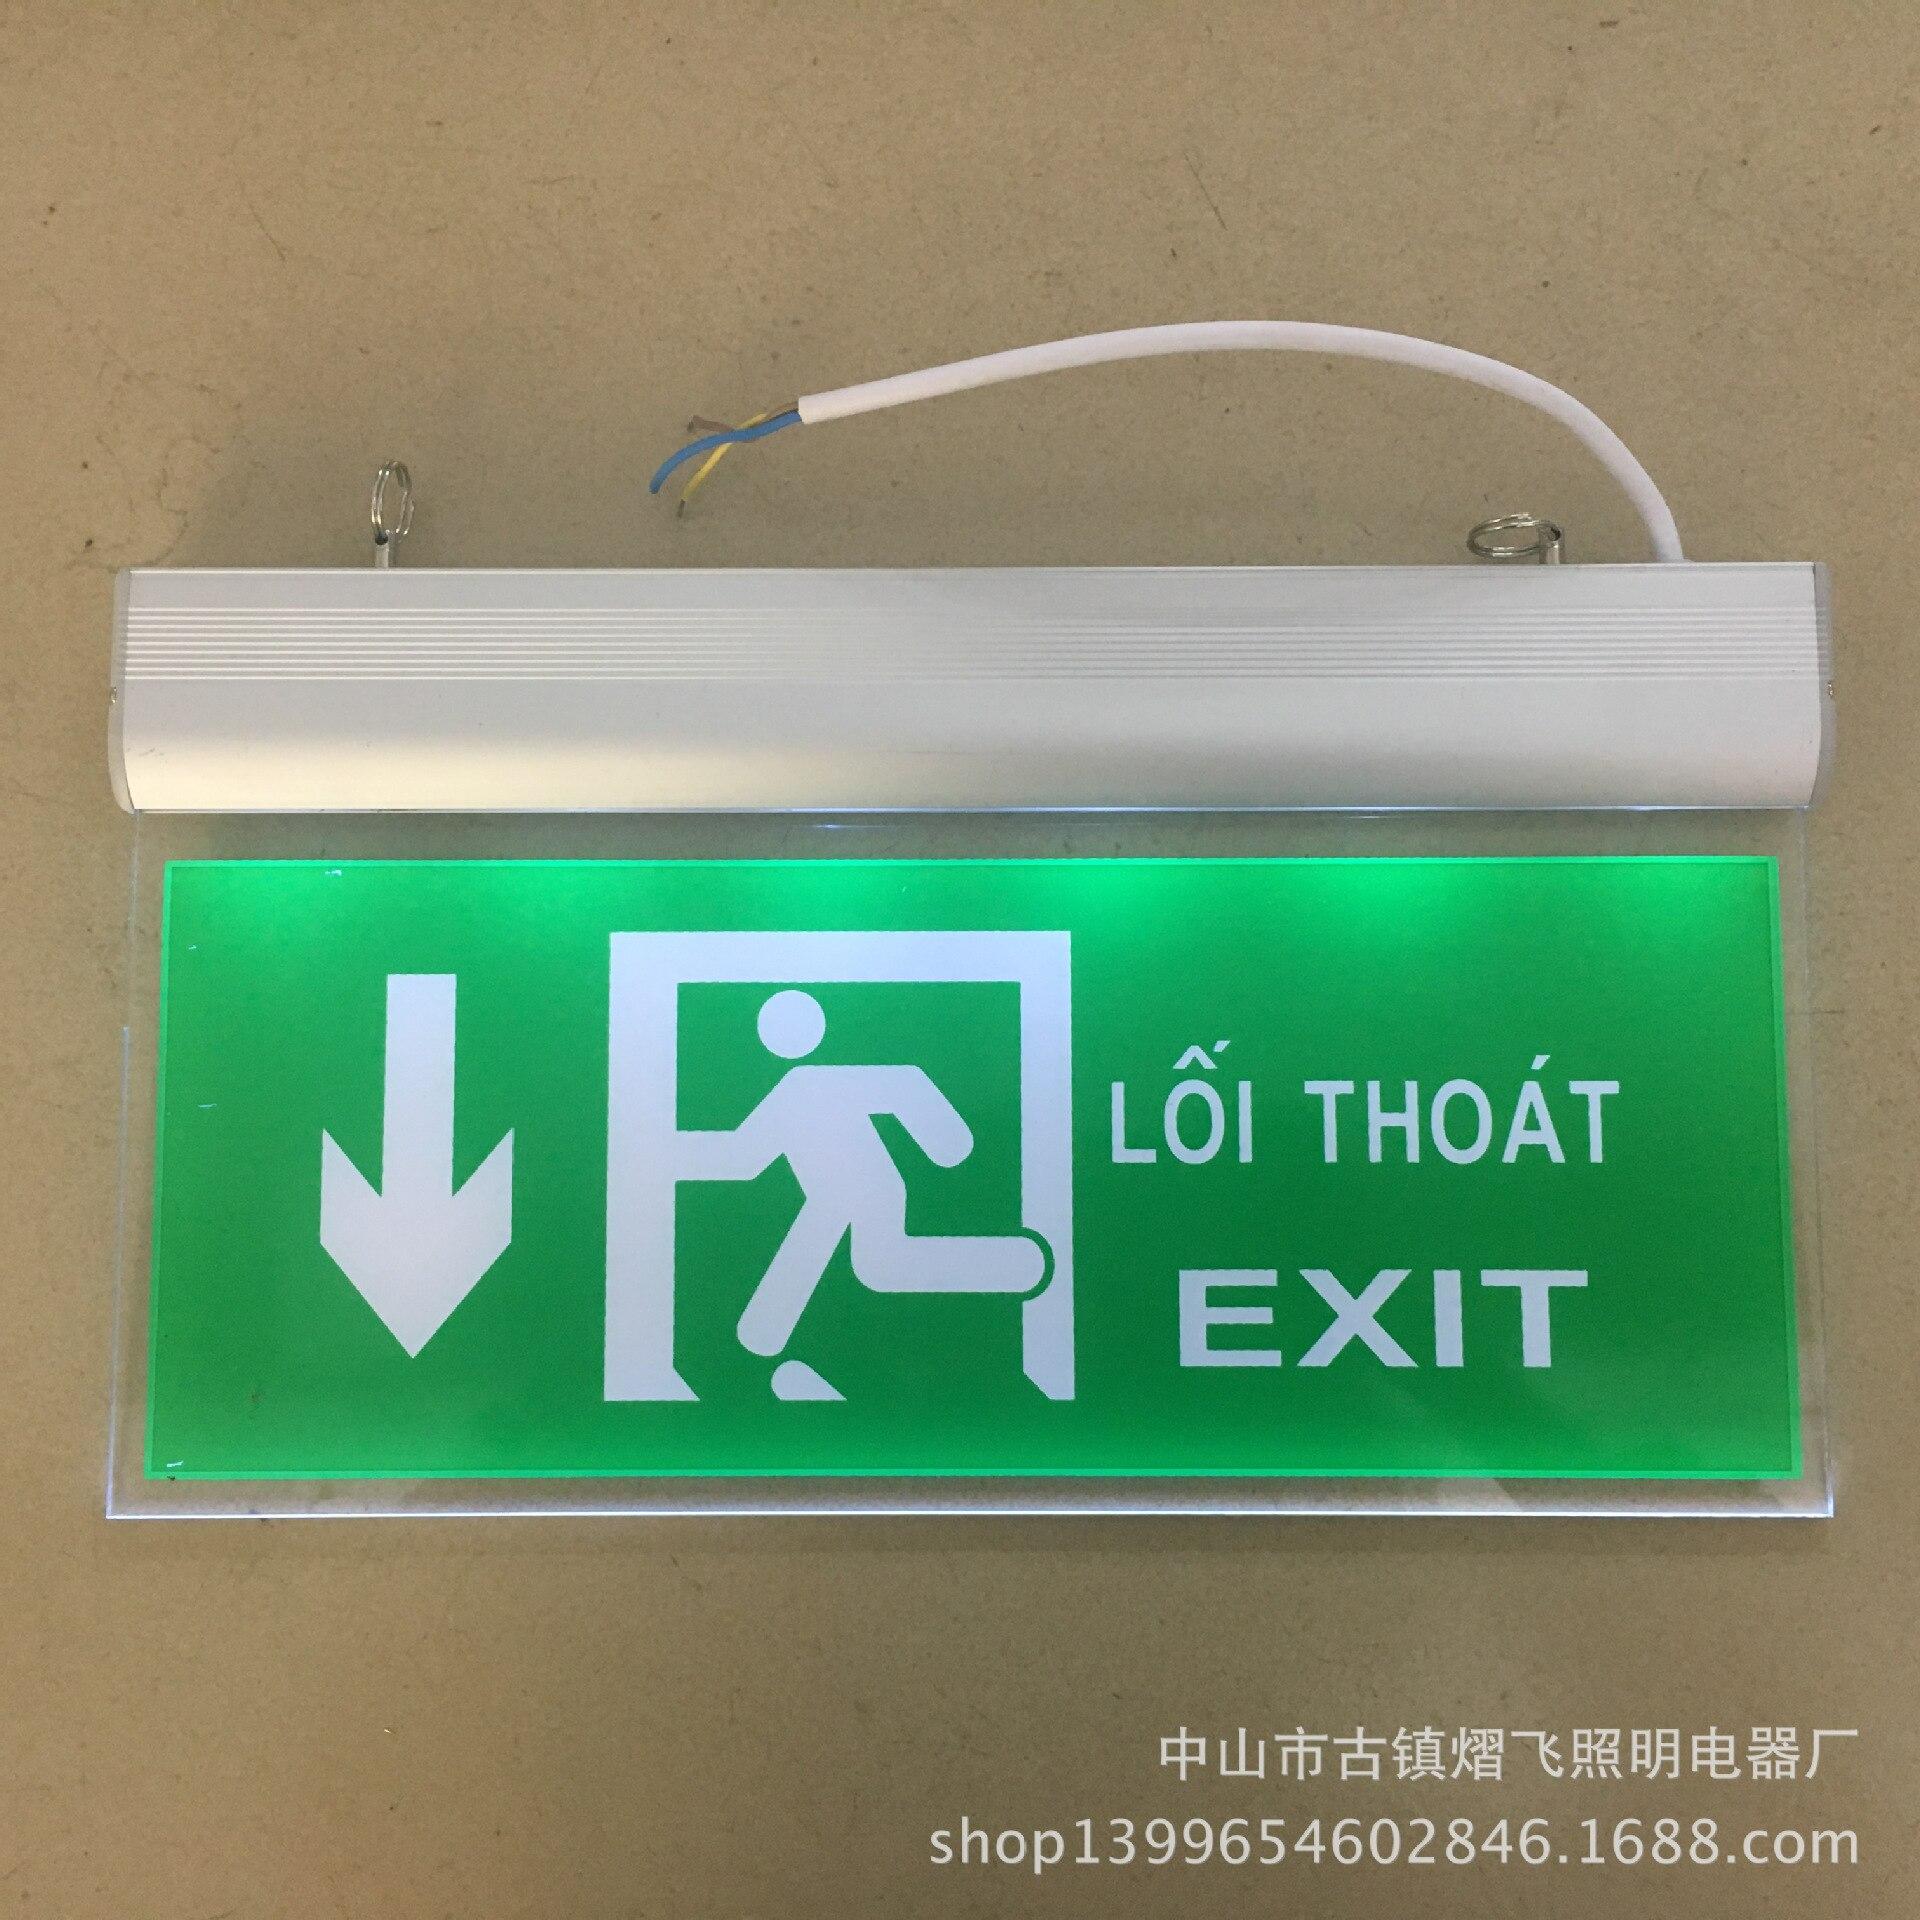 Заказной шаблон Покупатель предоставляет текстовый пожарный аварийный свет безопасности указатель выхода свет акриловый выход аварийный